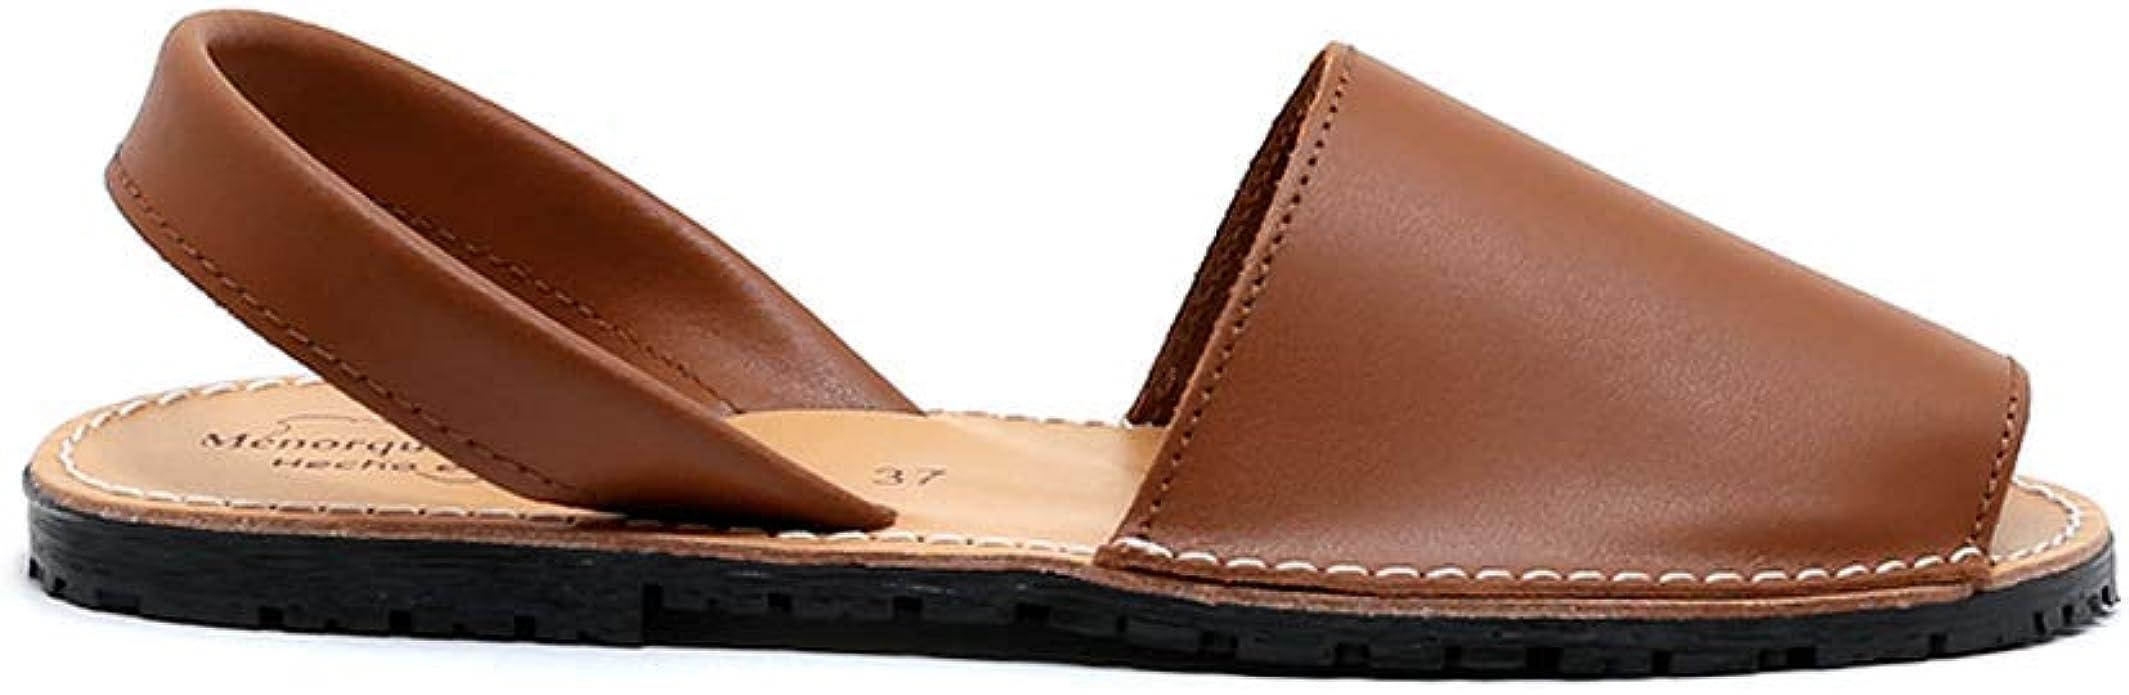 Zapatos Menorquina Piel Cuero Hecho en España Sandalia: Amazon.es: Zapatos y complementos